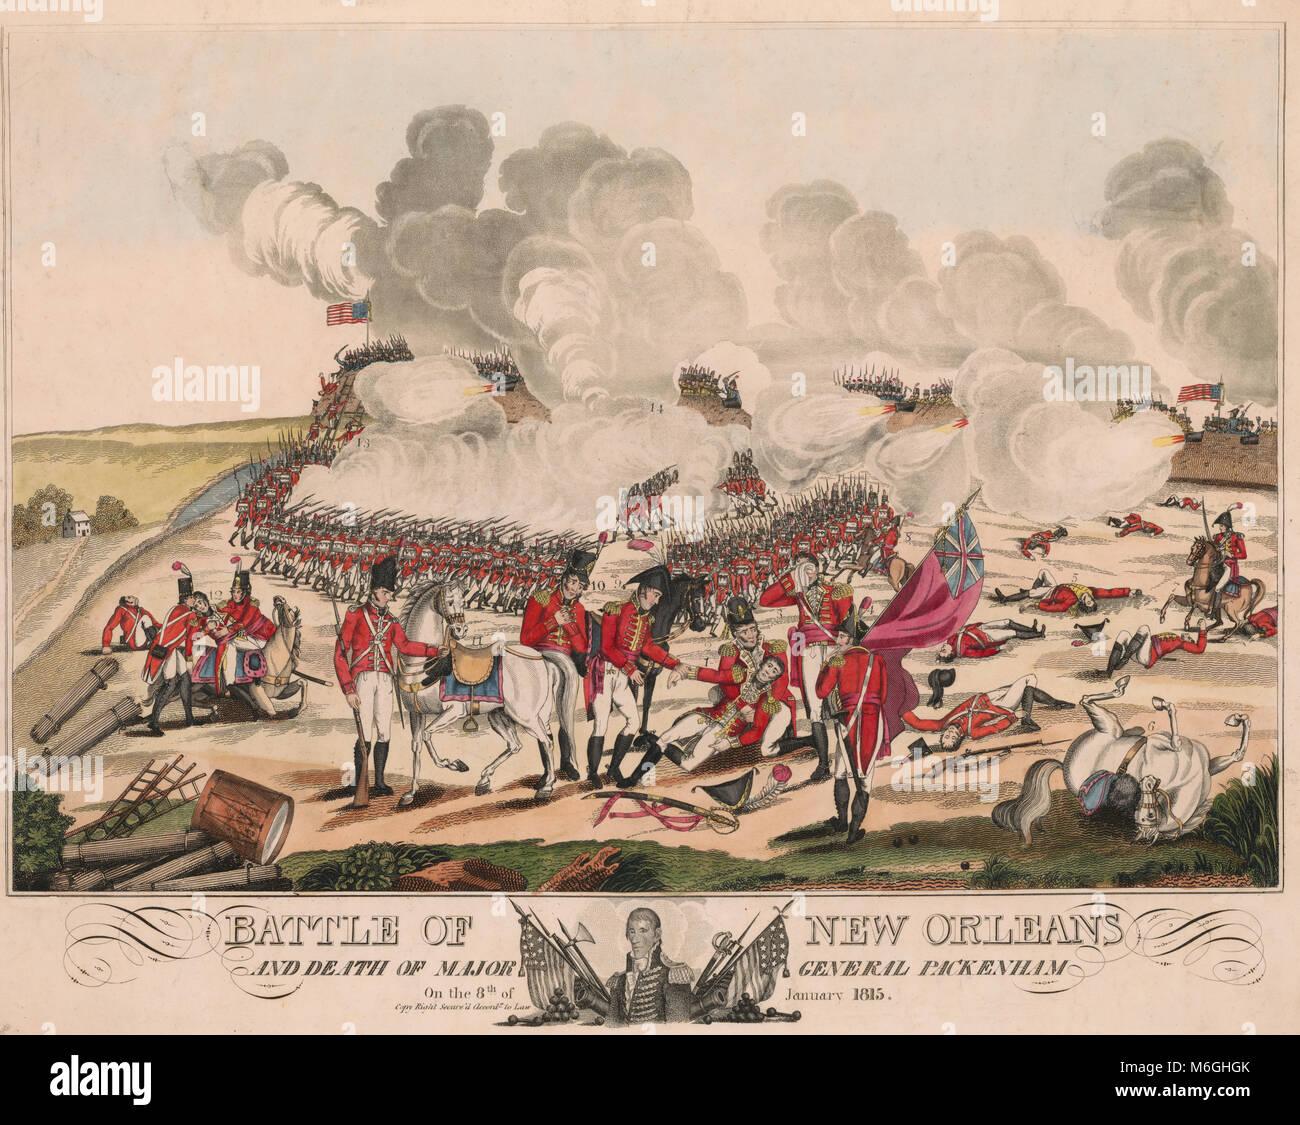 Schlacht von New Orleans und dem Tod von Major General Pakenham am 8. Januar 1815 - Schlacht von New Orleans aus Stockbild